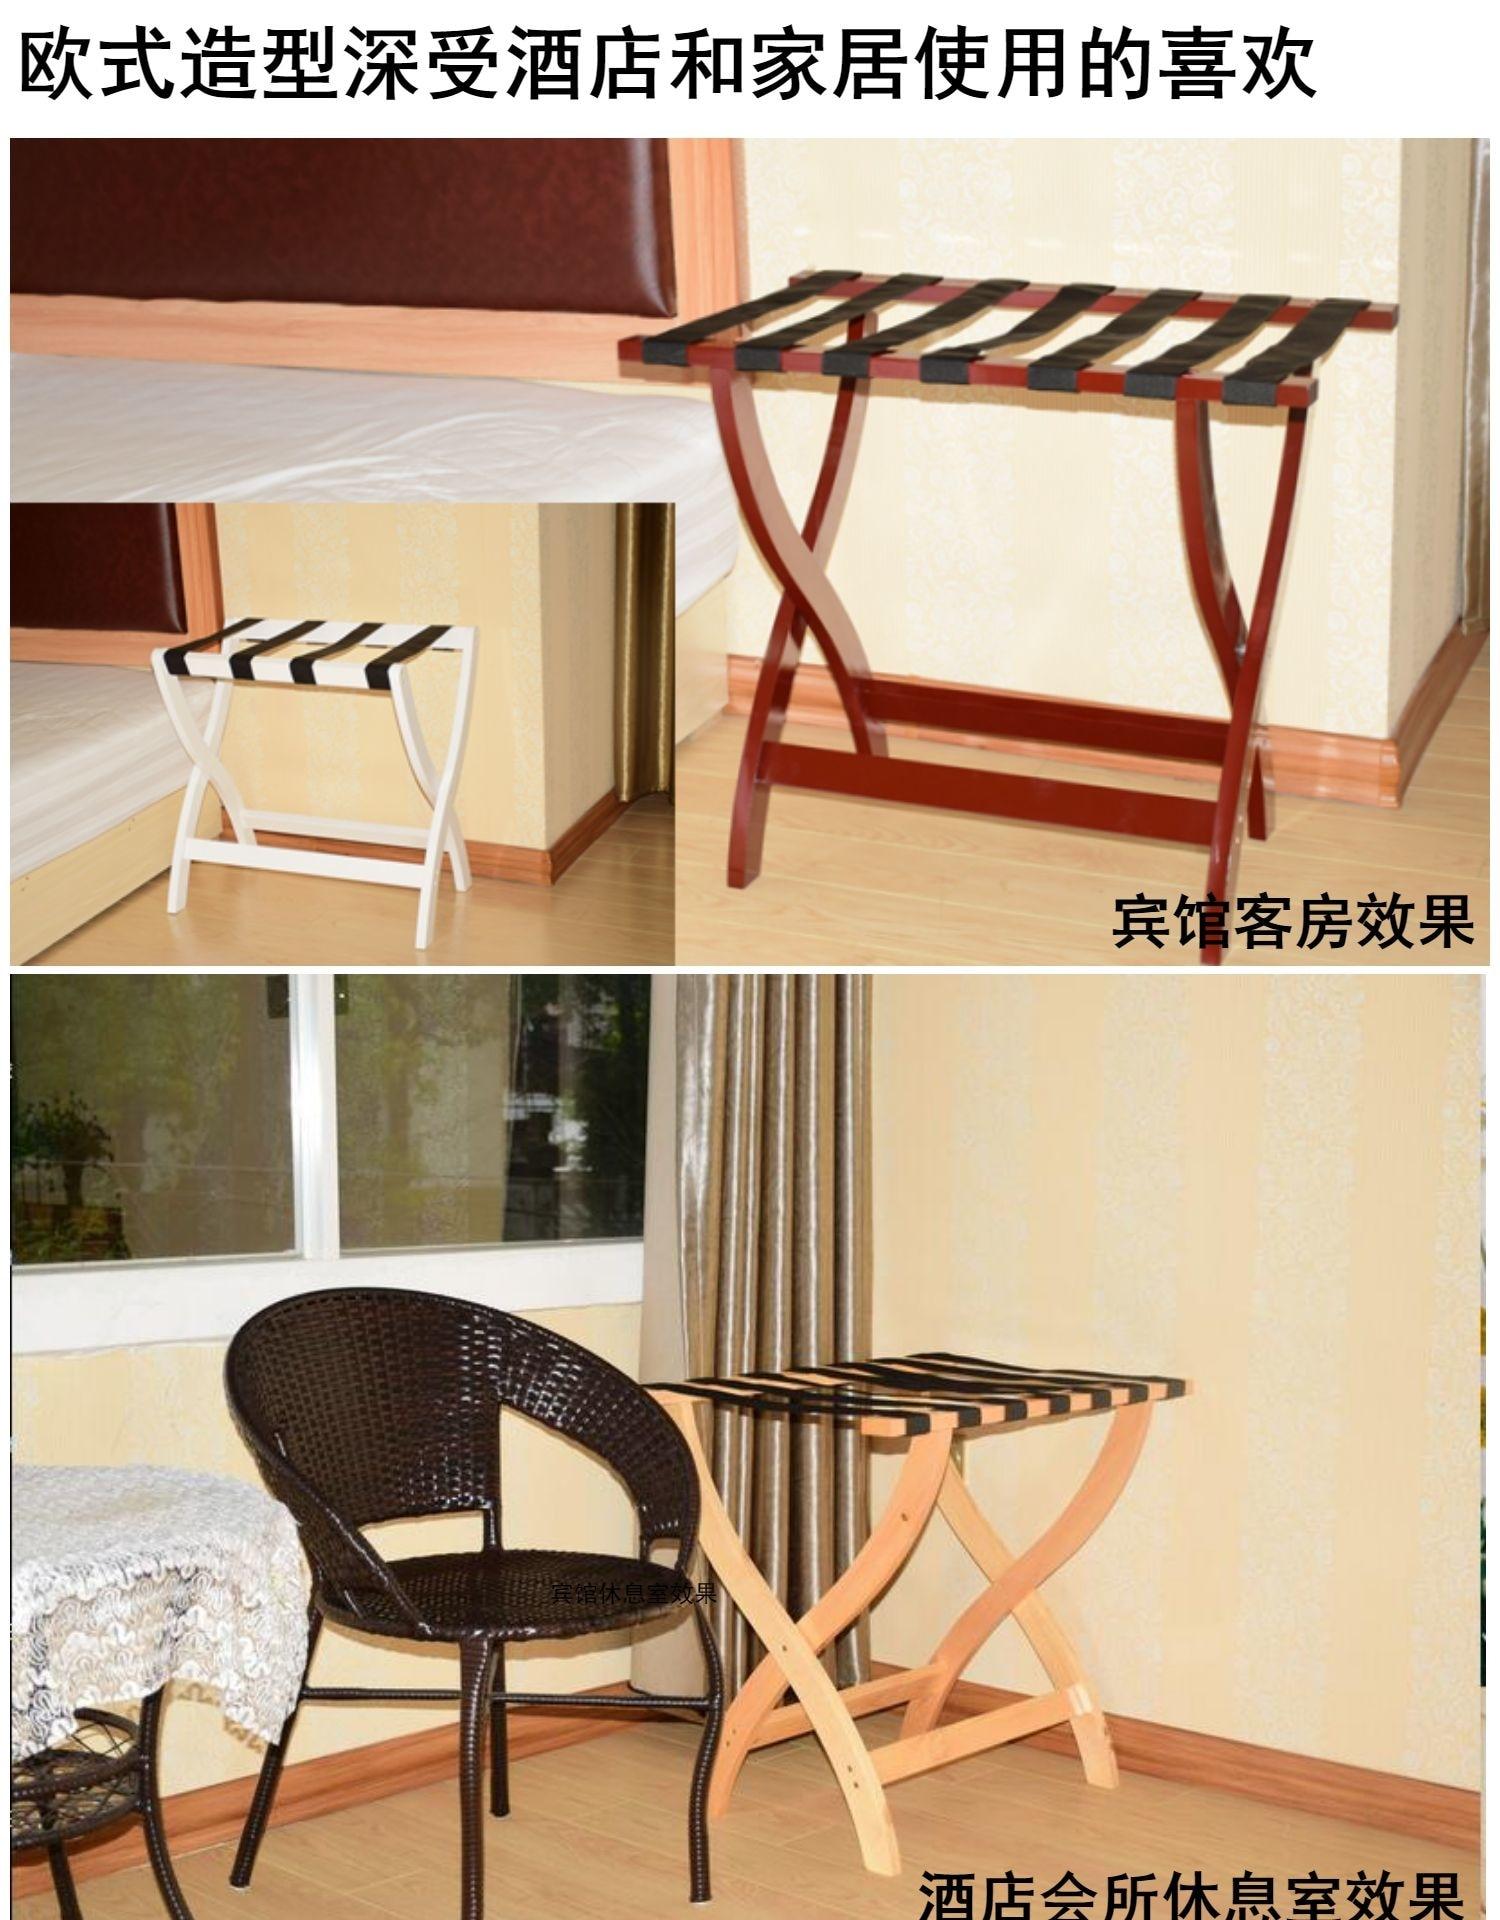 Прикроватная одежда отель багажные стеллажи спальня комната дома складной пол мебель из массива дерева